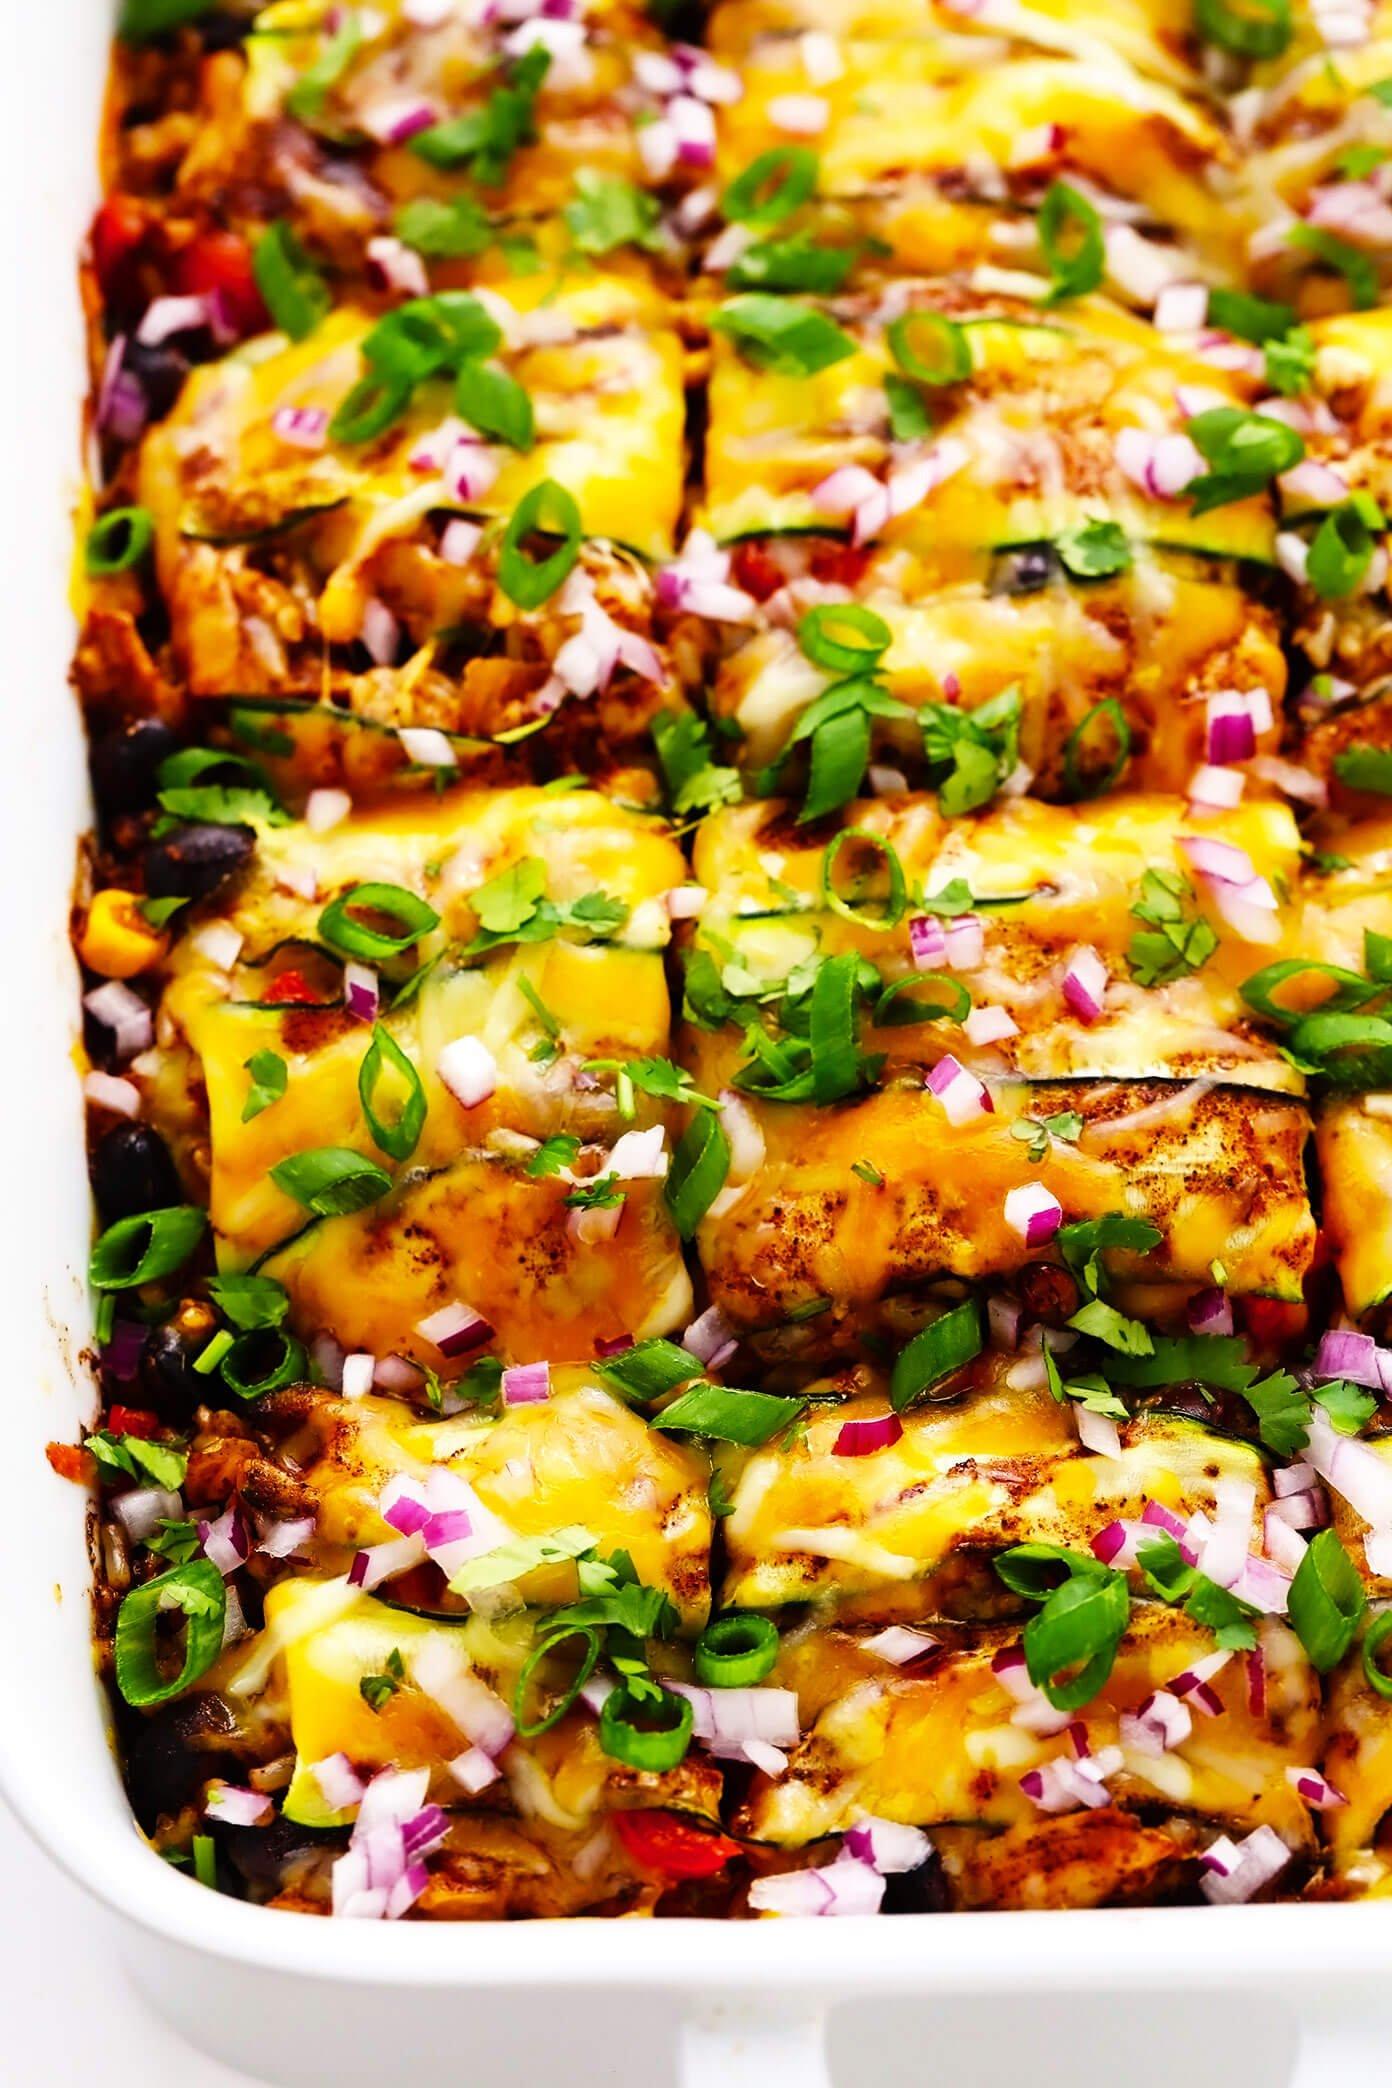 Zucchini Enchilada Casserole